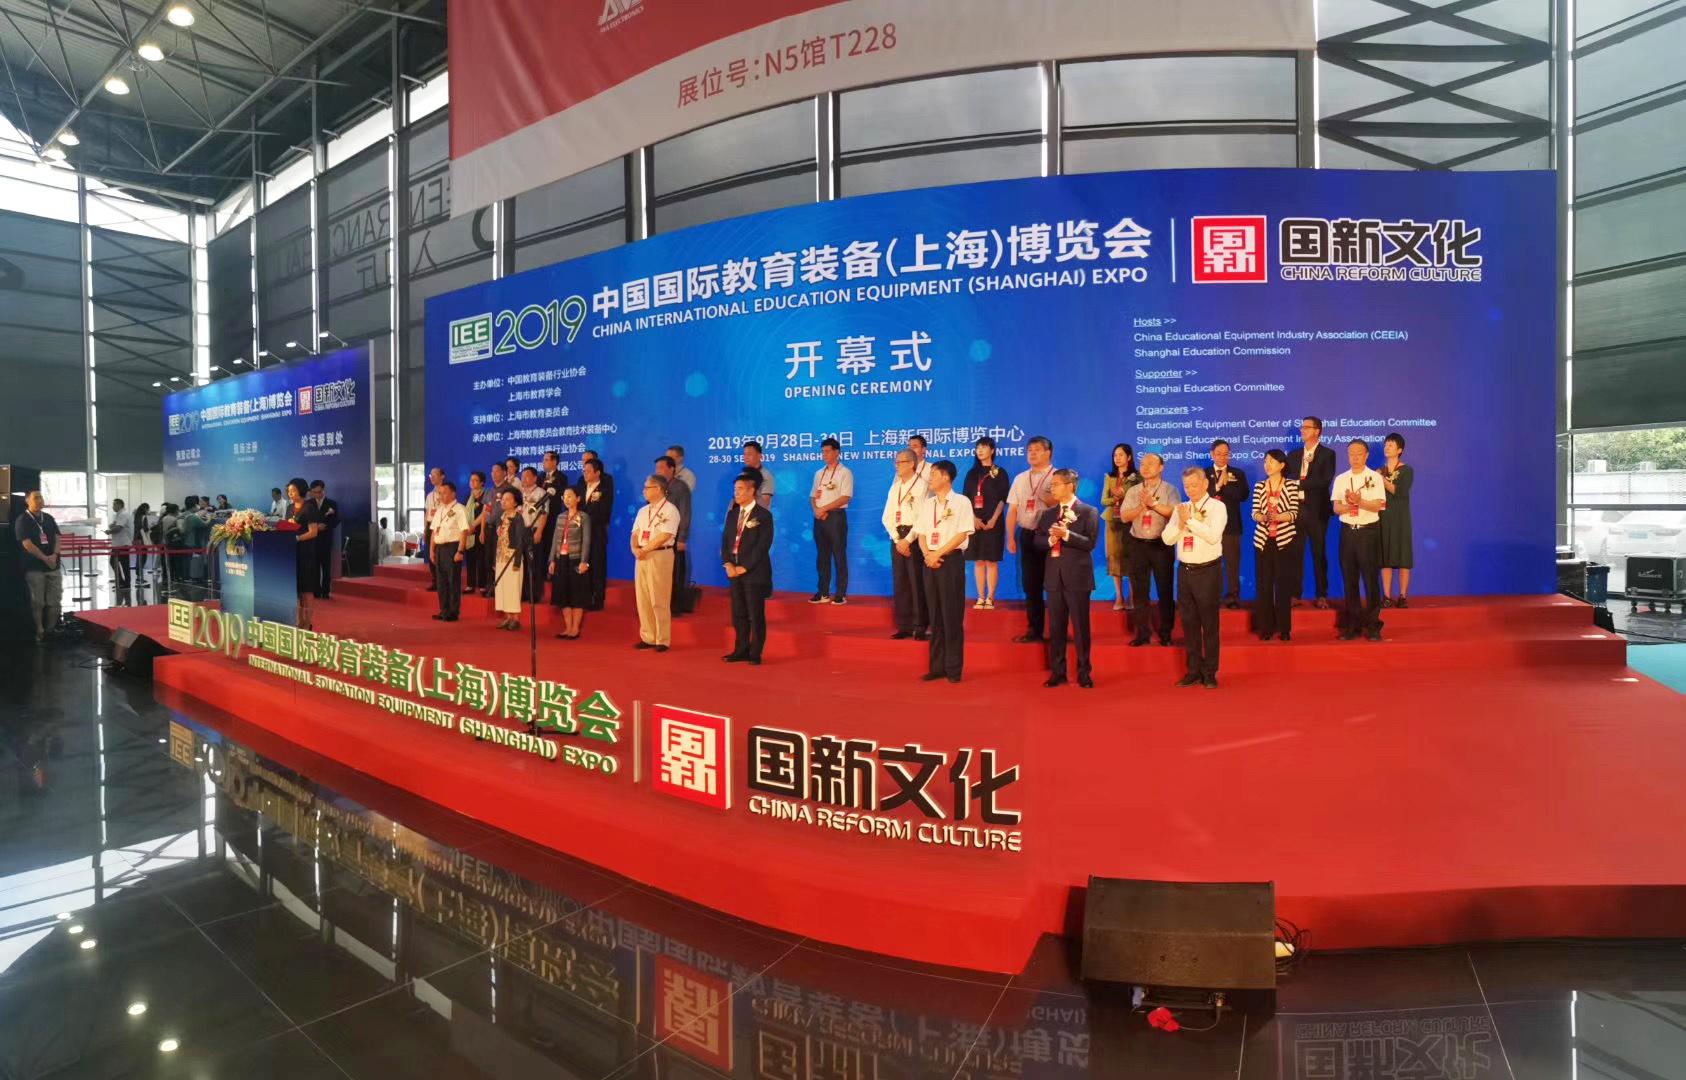 上海国际教育装备博览会开幕式